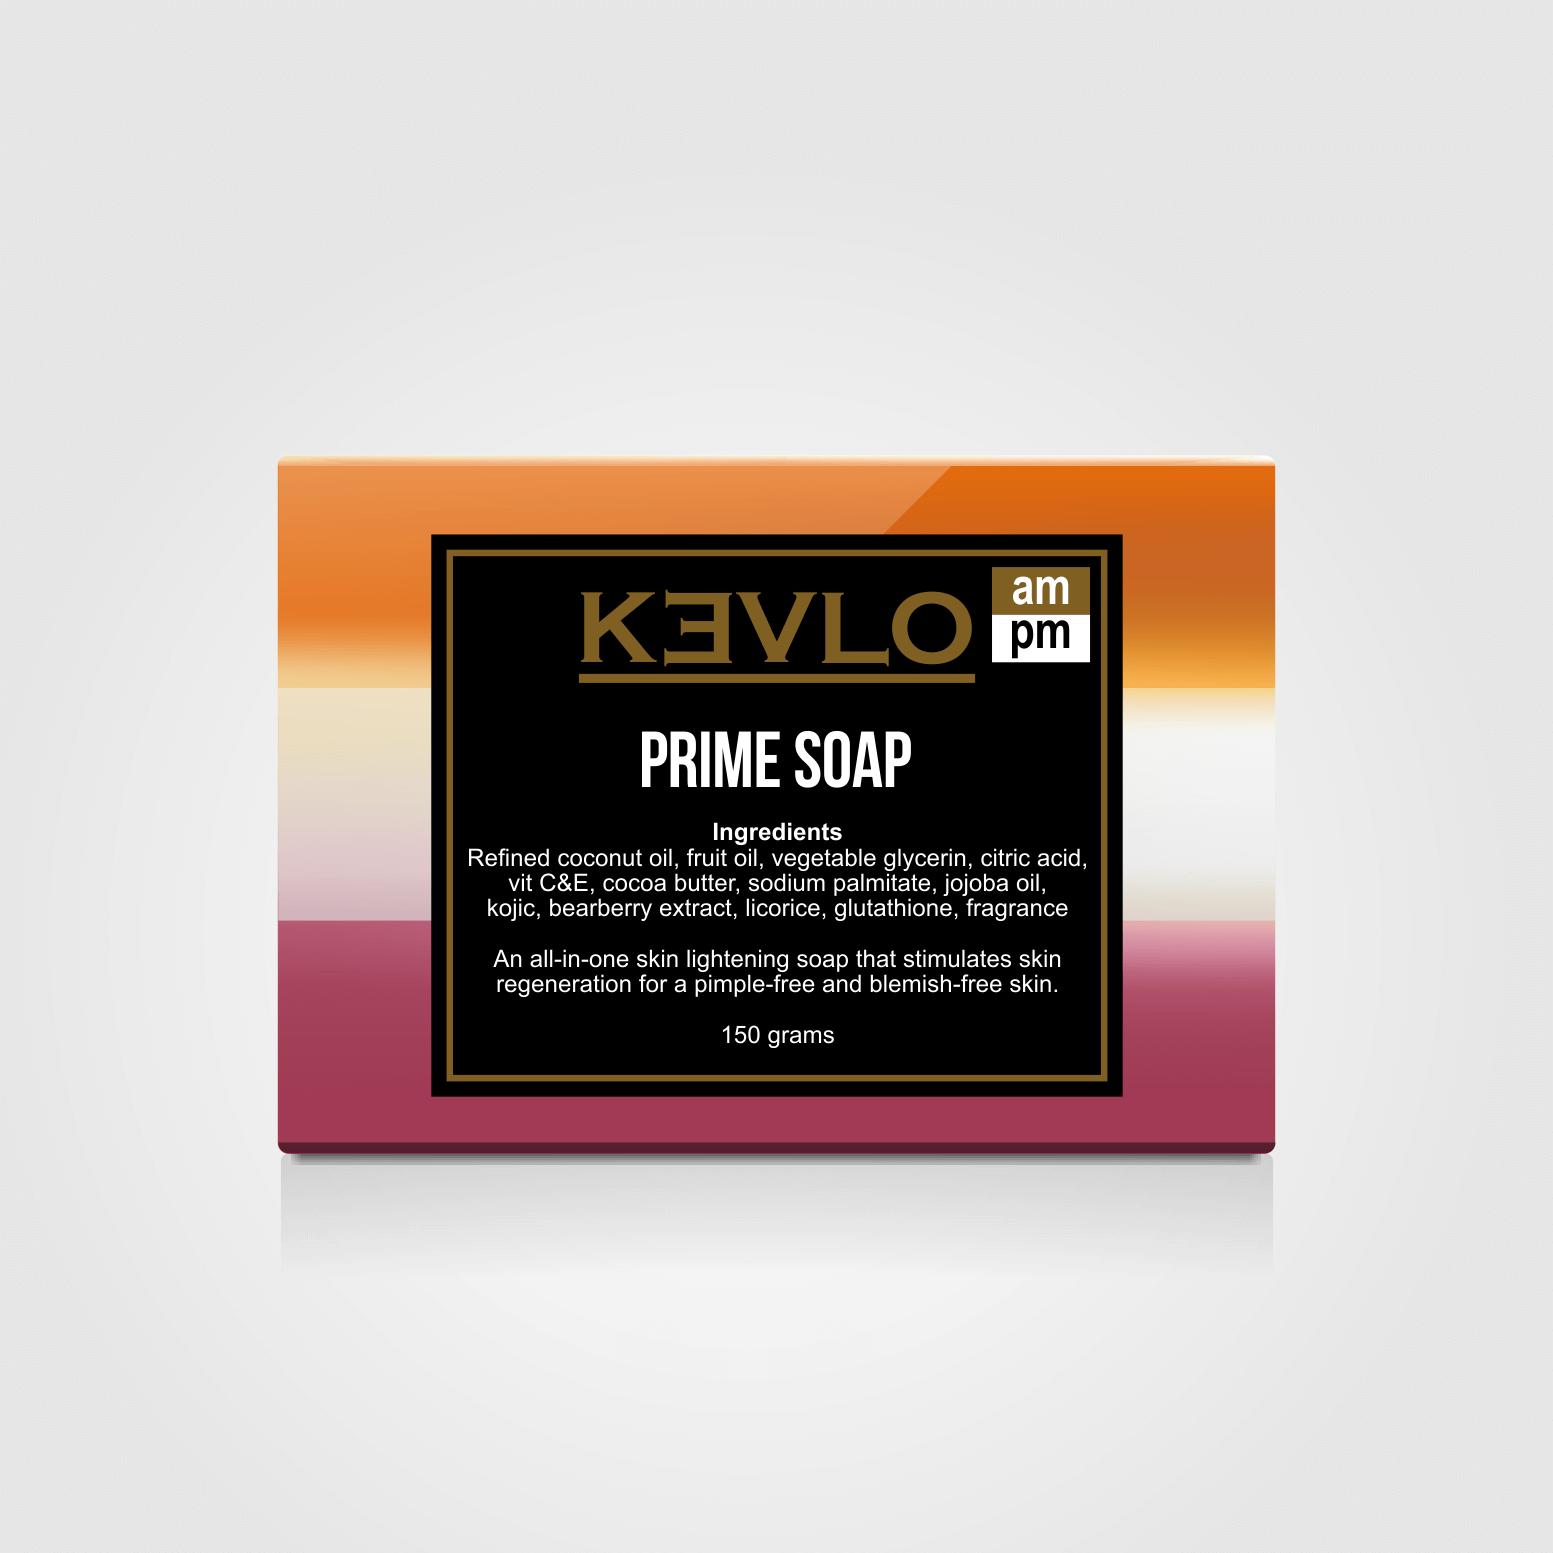 KEVLO Prime Soap